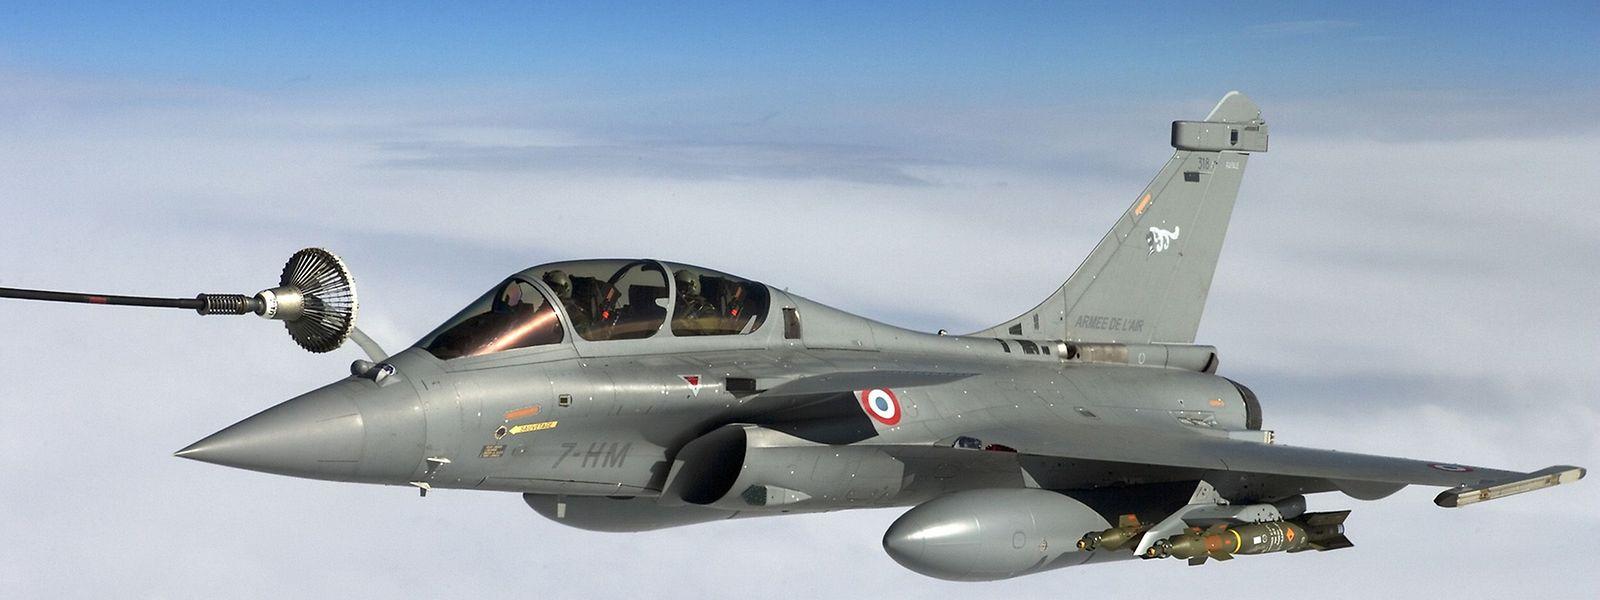 Französischer Exportartikel: Kampfflugzeug vom Typ Rafale.